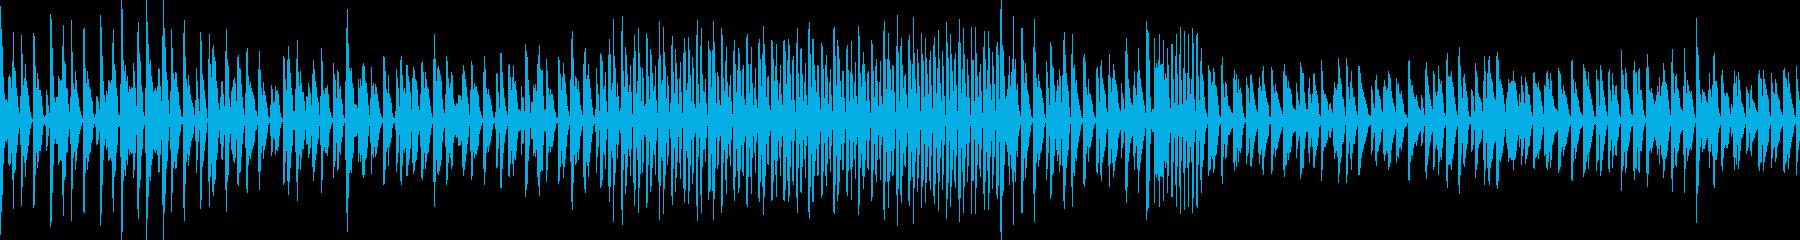 わくわく原始的ミュージック(ループ仕様)の再生済みの波形